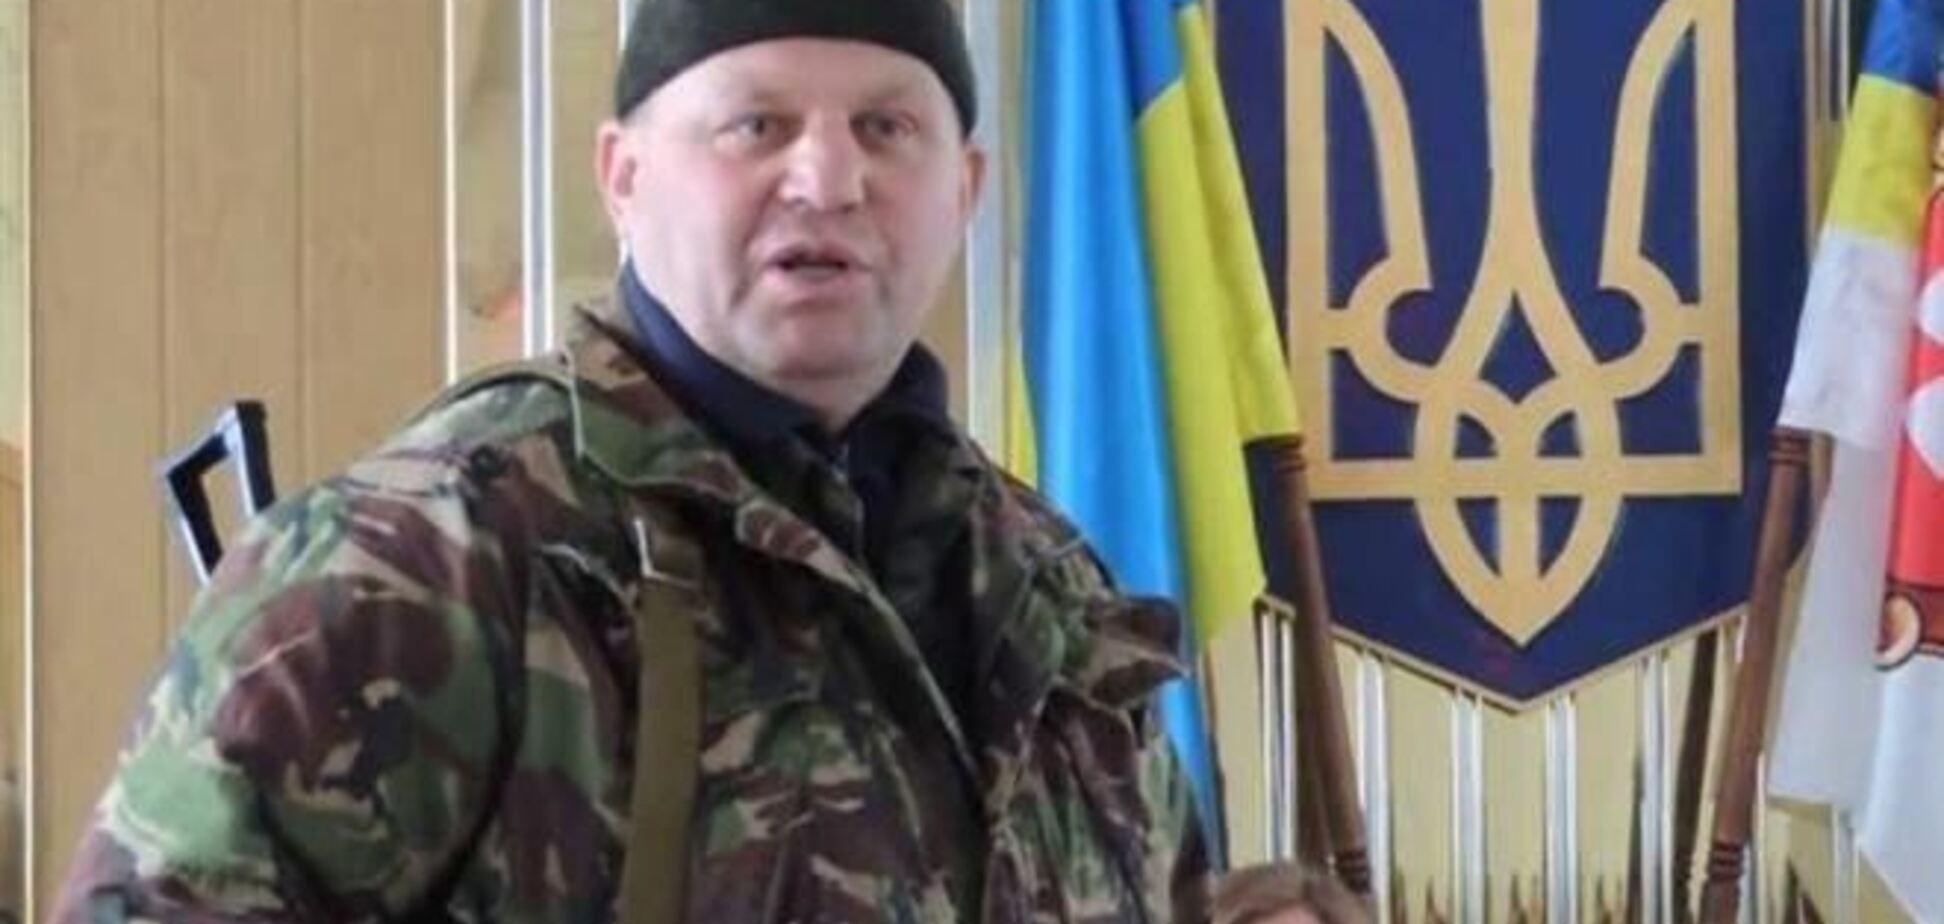 Расследование по гибели Музычко завершится в ближайшие дни - Аваков